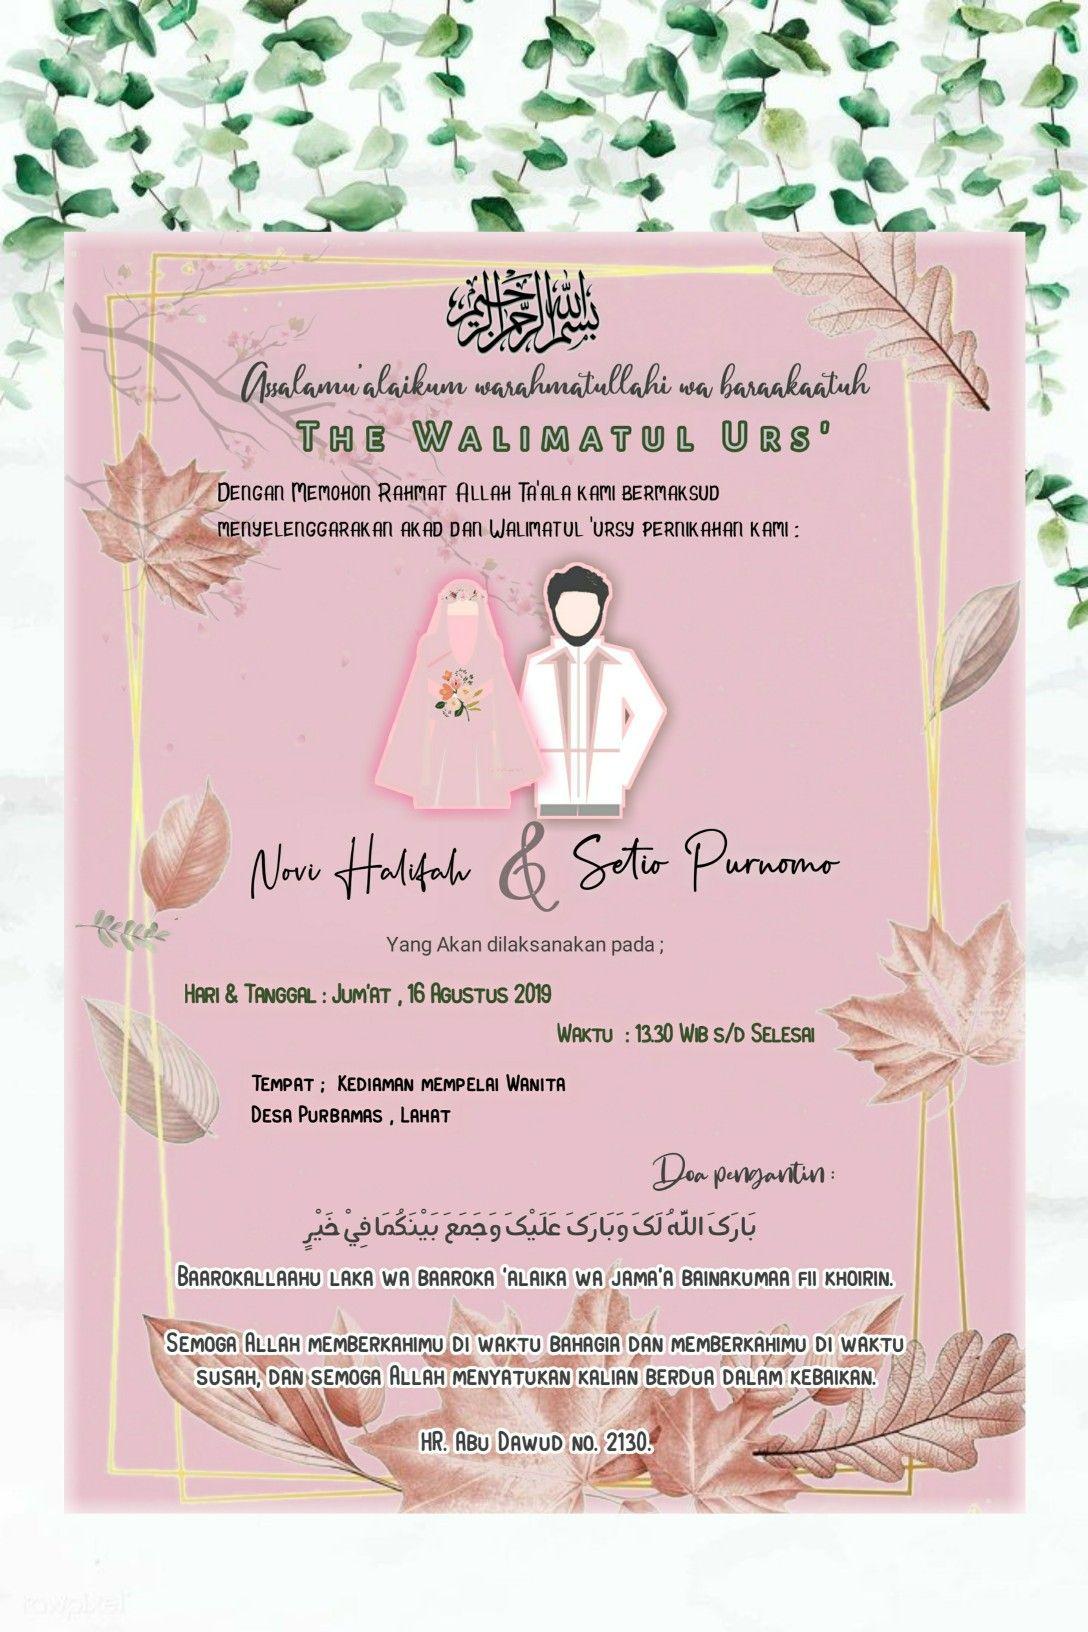 Undangan Digital Syar I Kartu Pernikahan Kartu Undangan Pernikahan Undangan Pernikahan